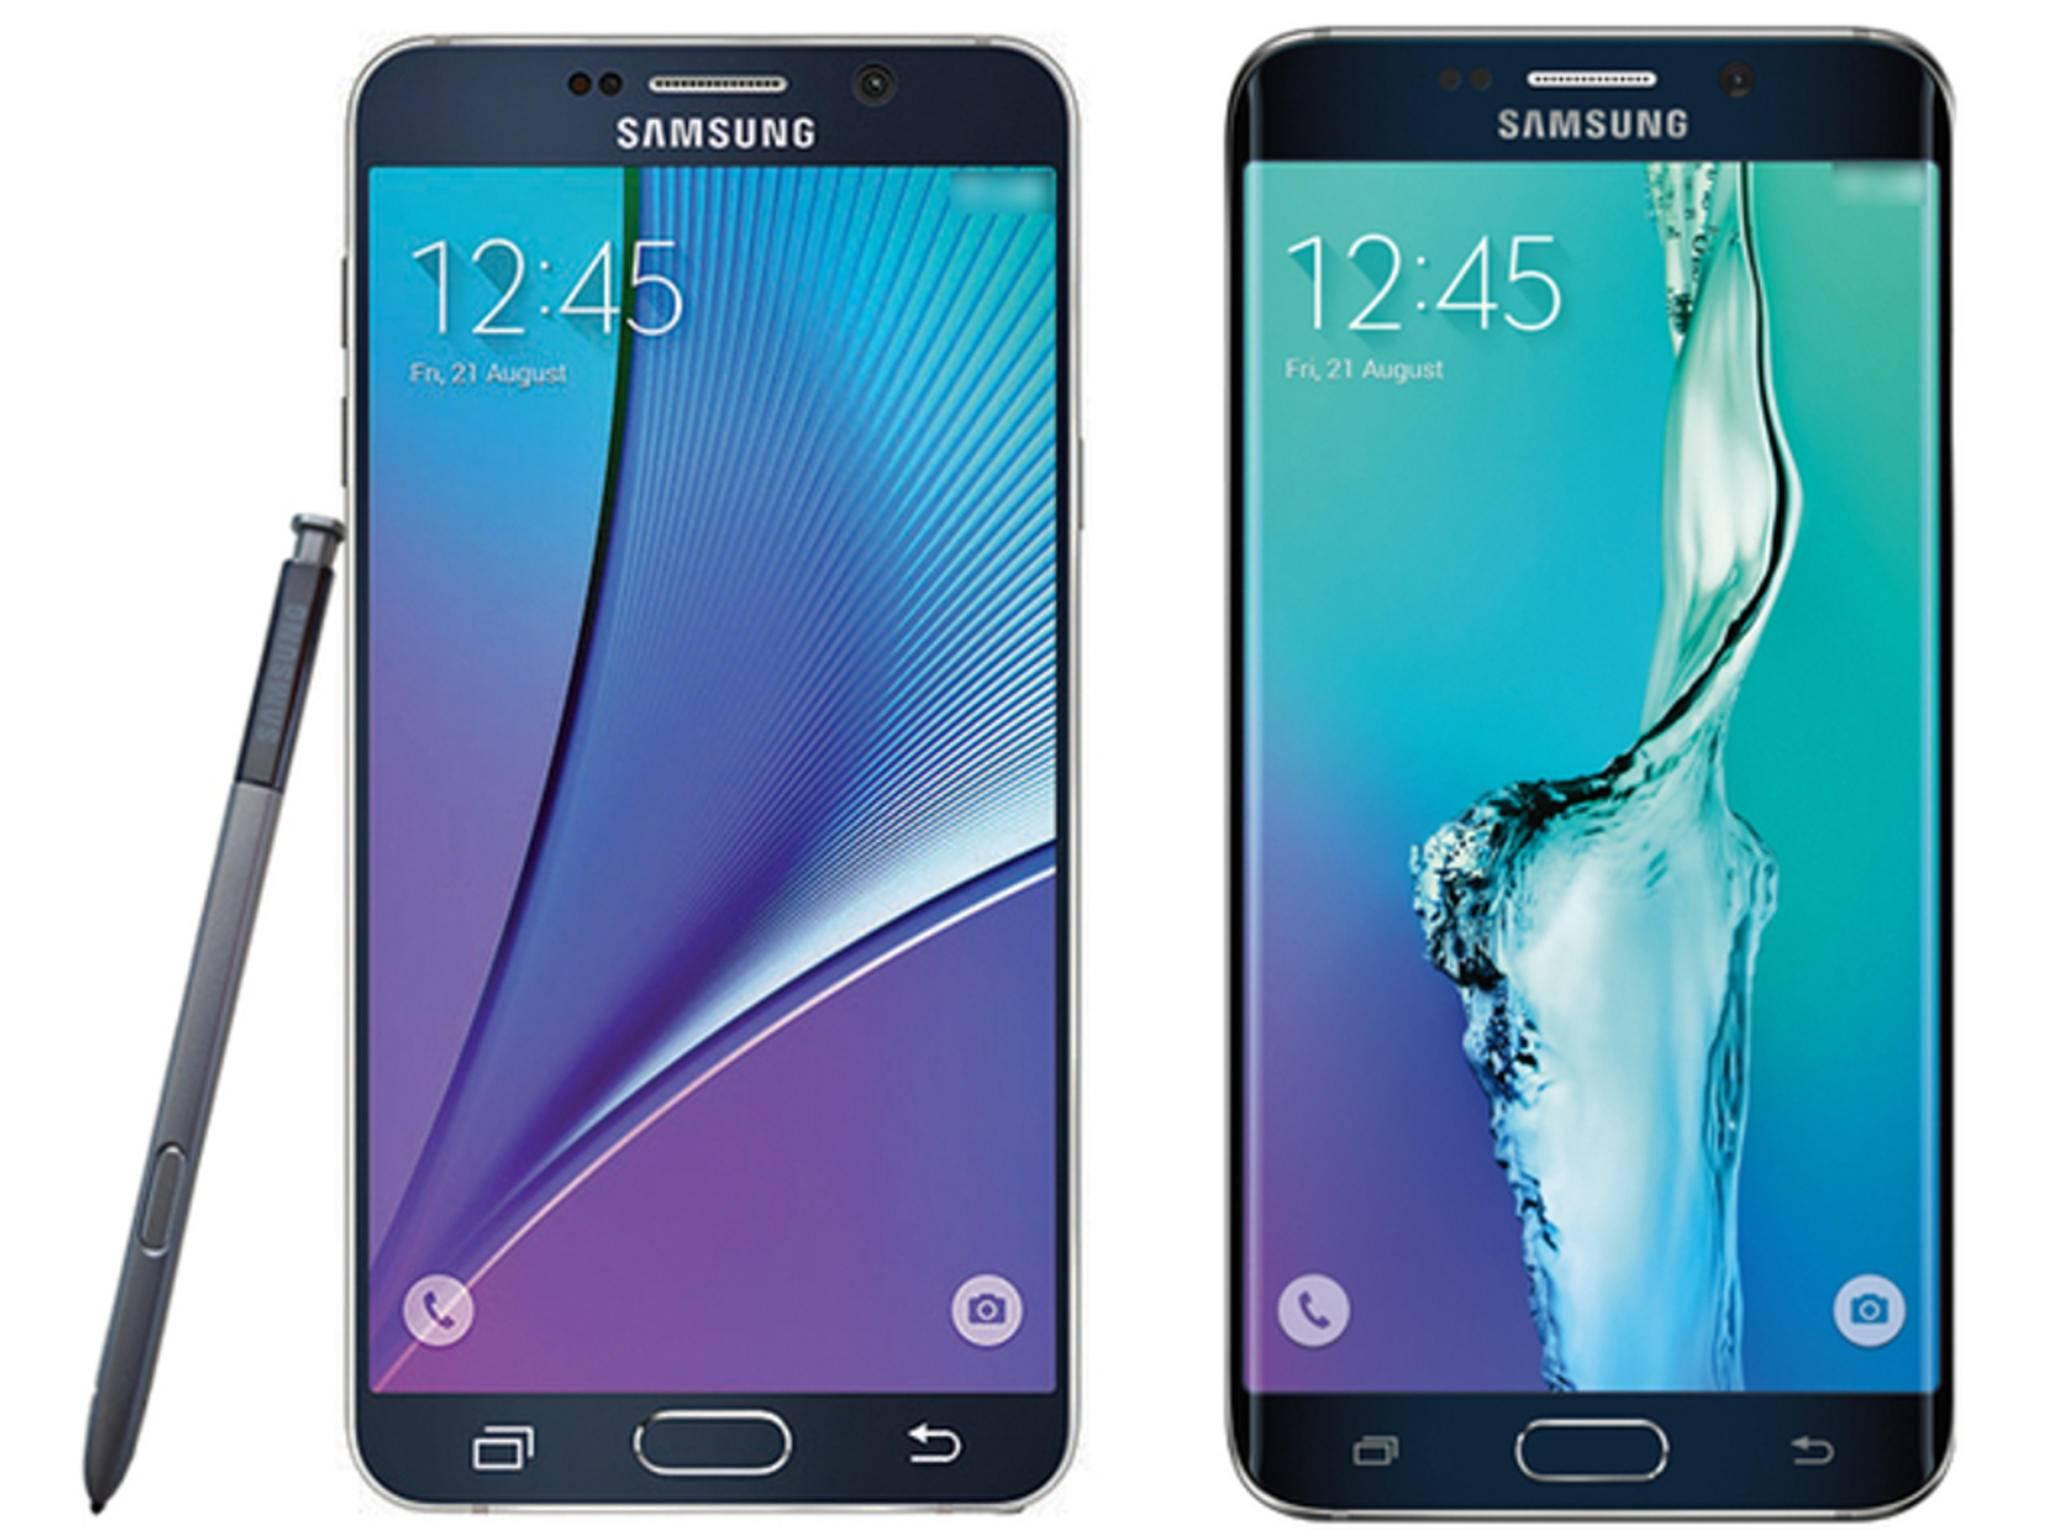 Erste Pressebilder sollen das Galaxy Note 5 und das Galaxy S6 Edge+ zeigen.